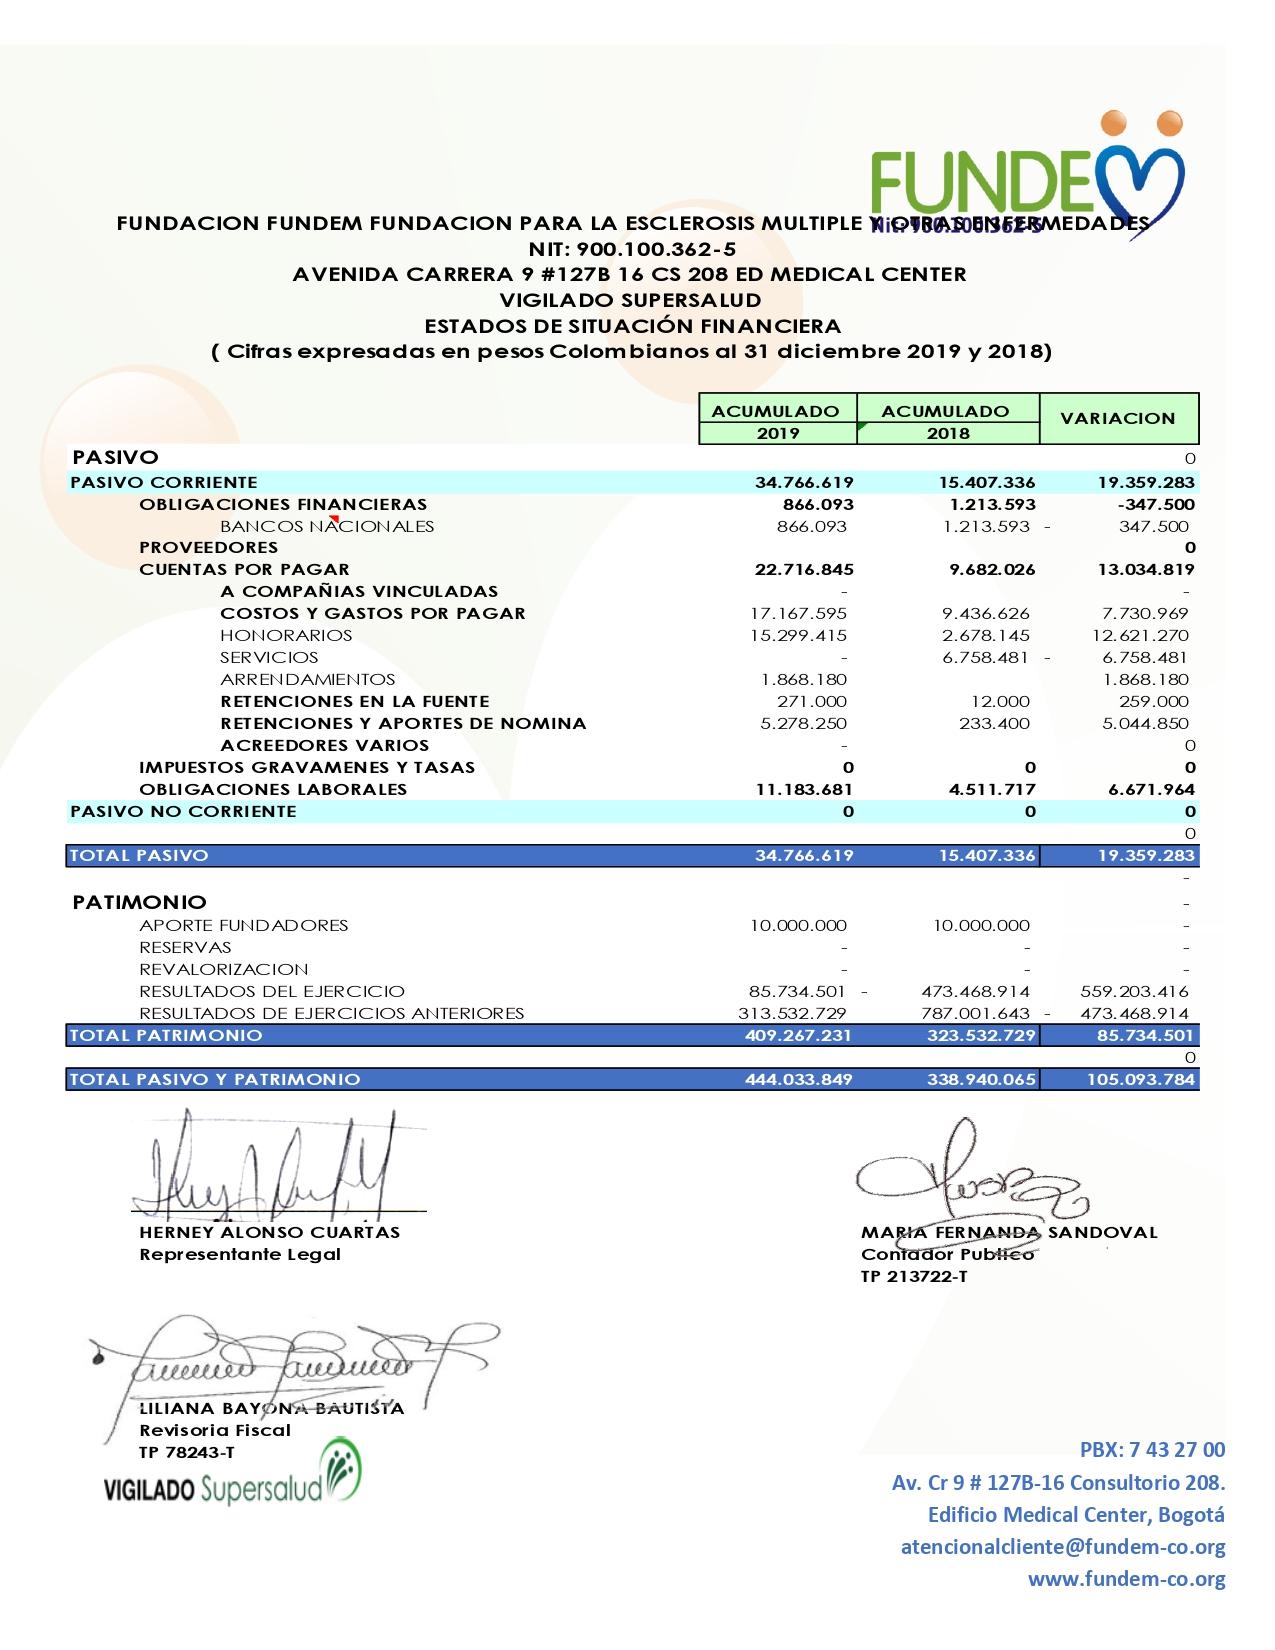 ESTADOS FINANCIEROS FUNDACION FUNDEM_page-0002